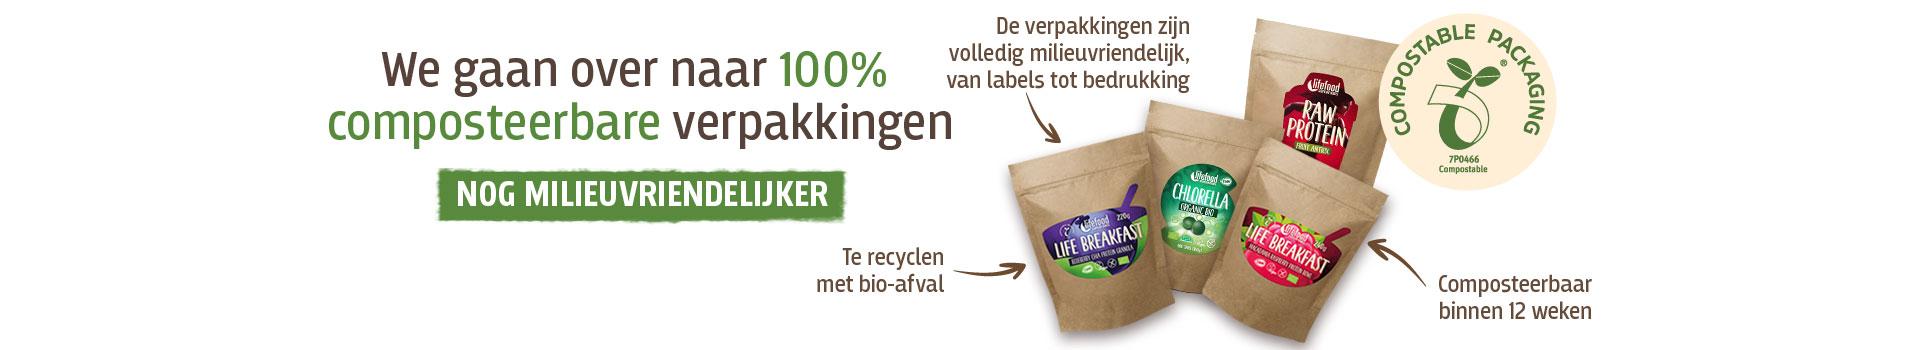 Composteerbare-verpakkingen